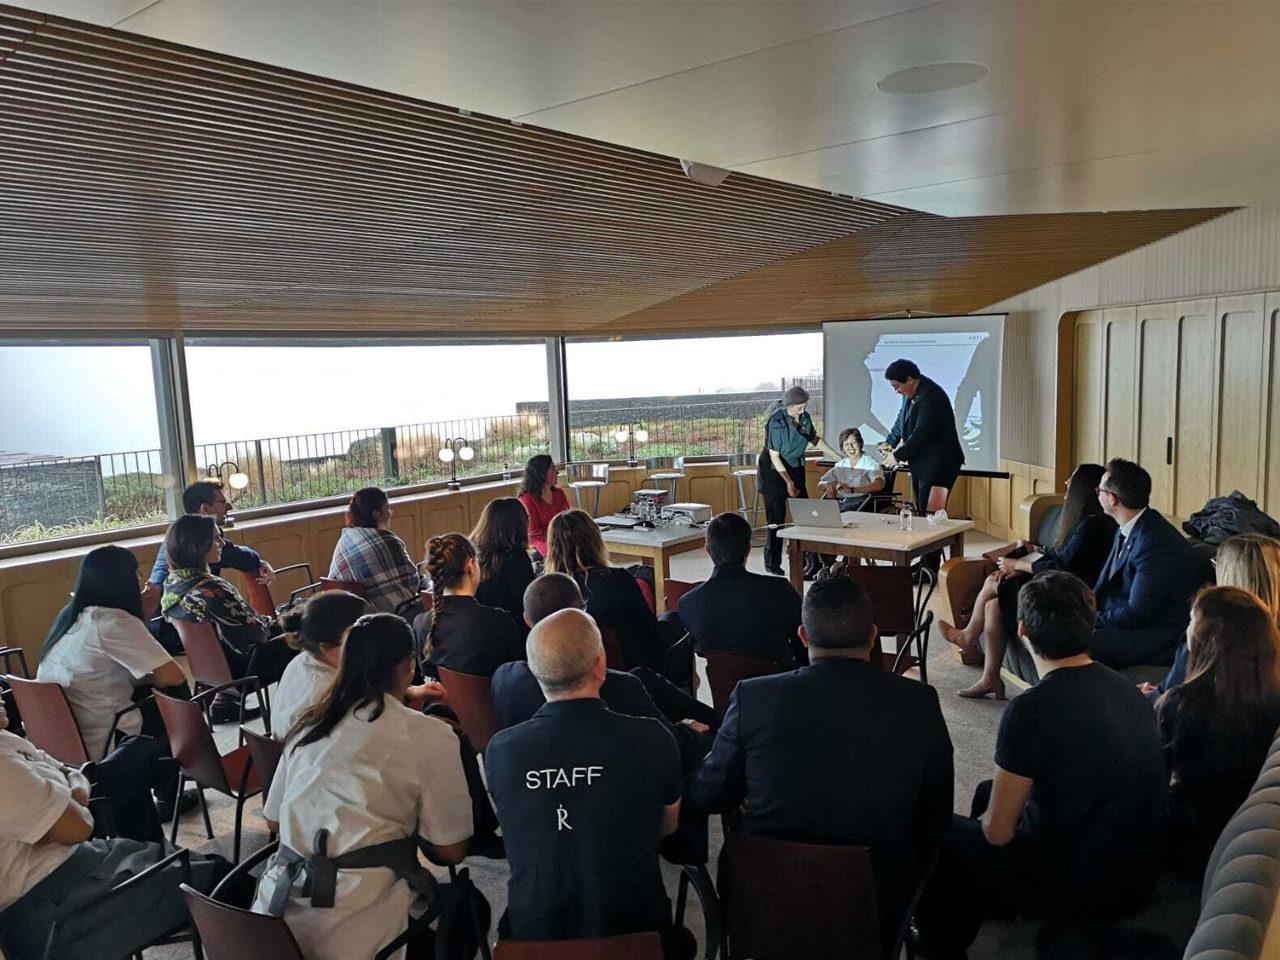 Grupo de alumnos recibiendo formación sobre accesibilidad en una sala.